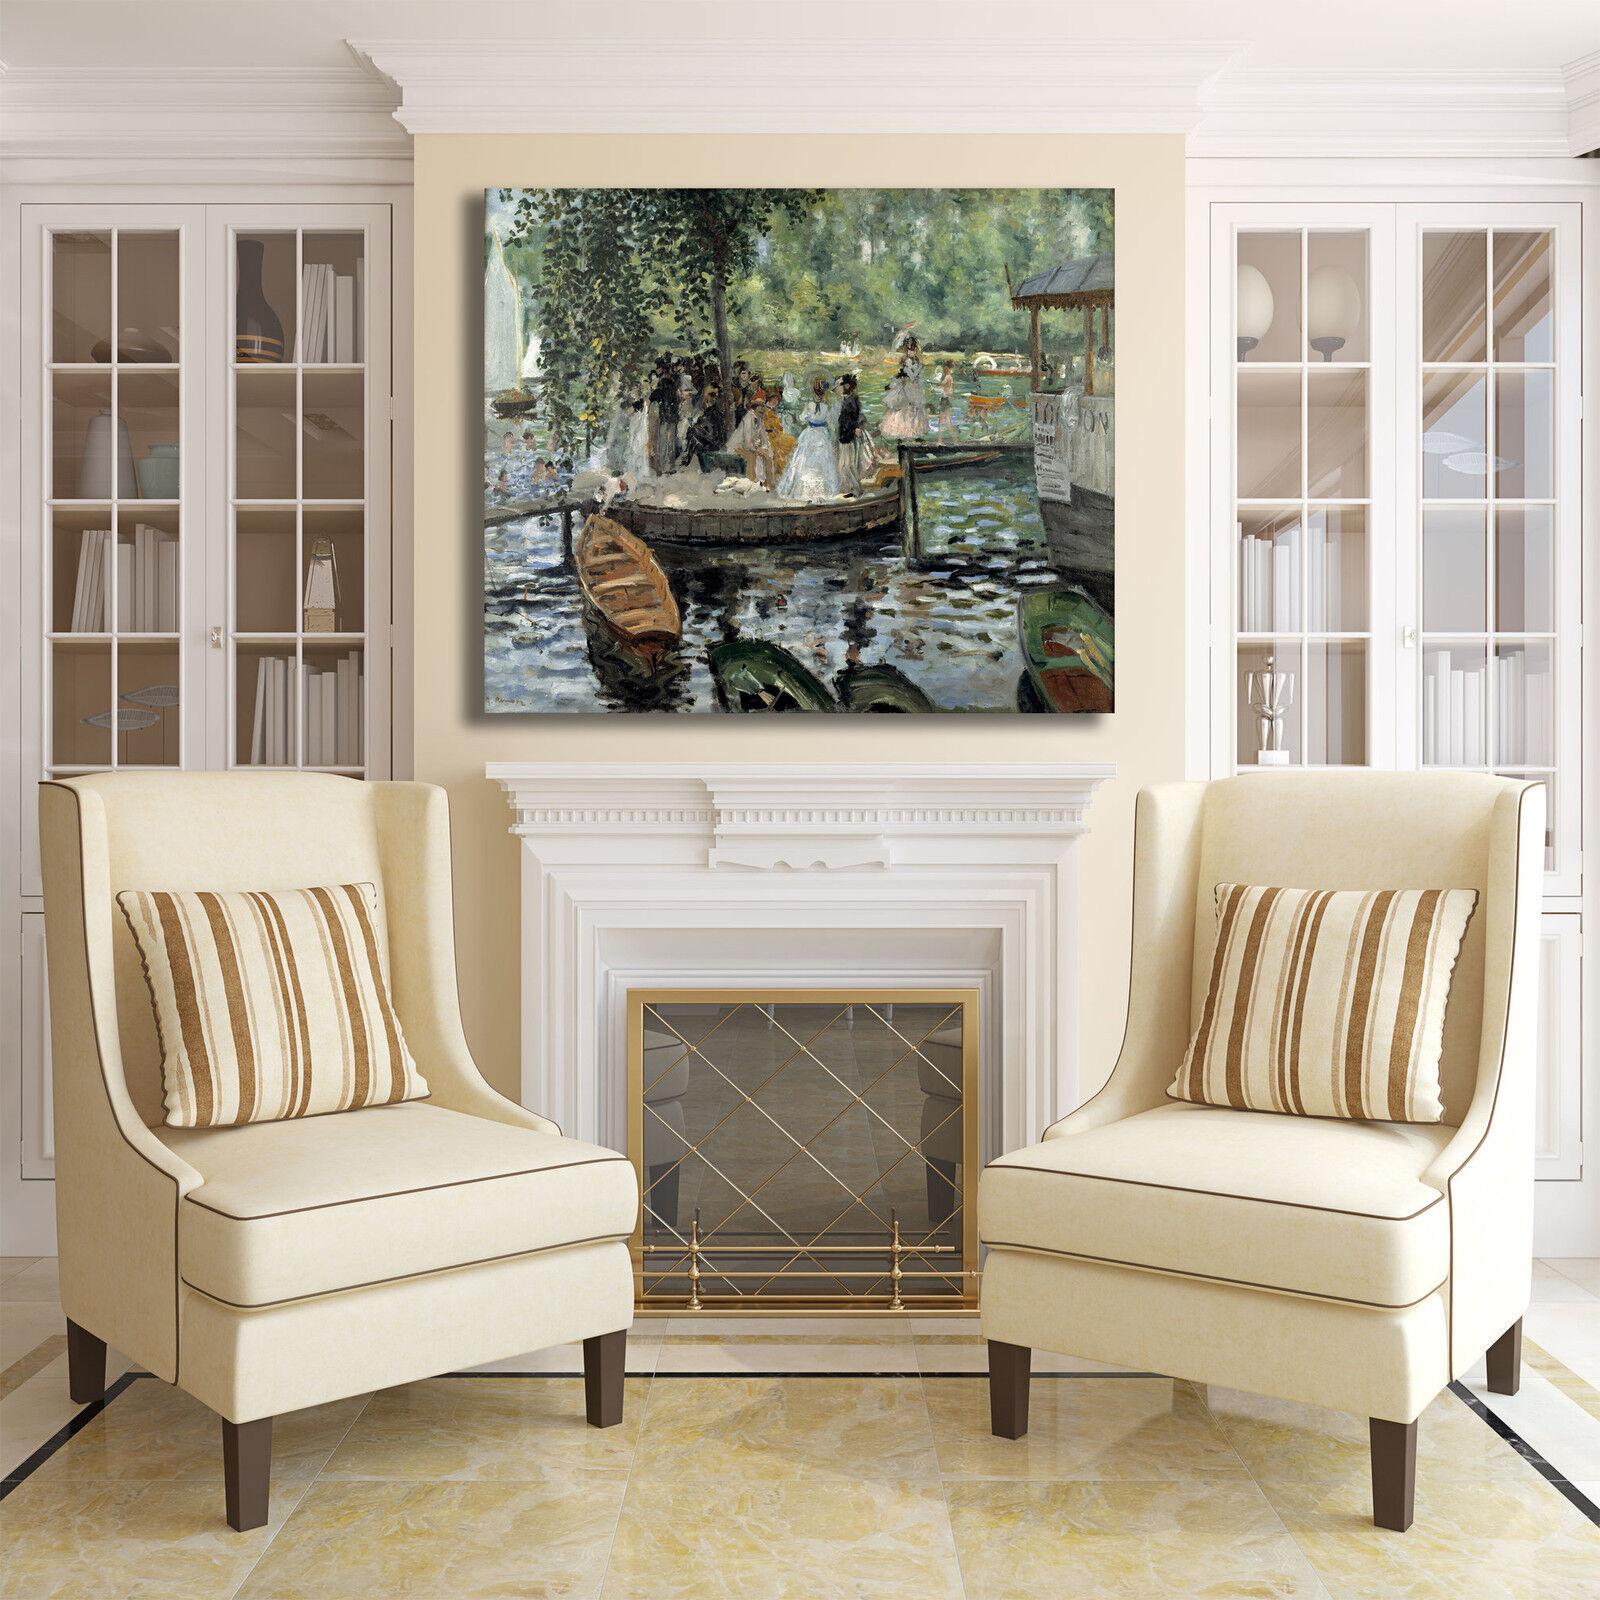 Renoir il fermo design quadro telaio stampa tela dipinto telaio quadro arRouge o casa b3263e